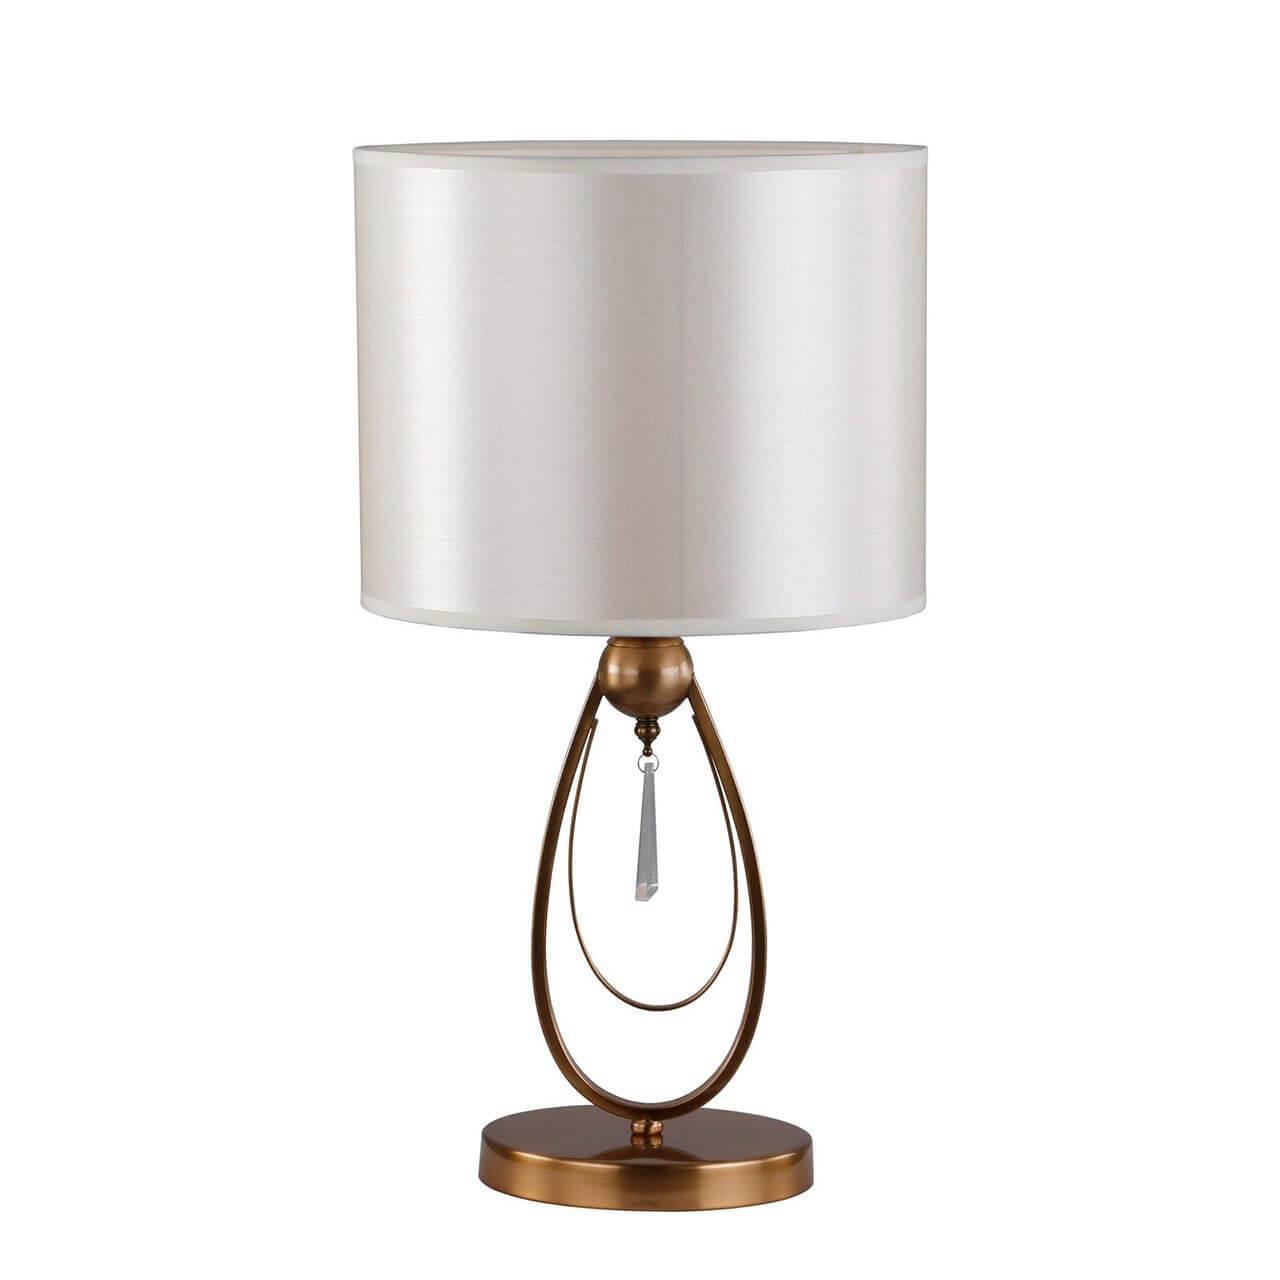 Настольный светильник Omnilux OML-63814-01, E27, 60 Вт